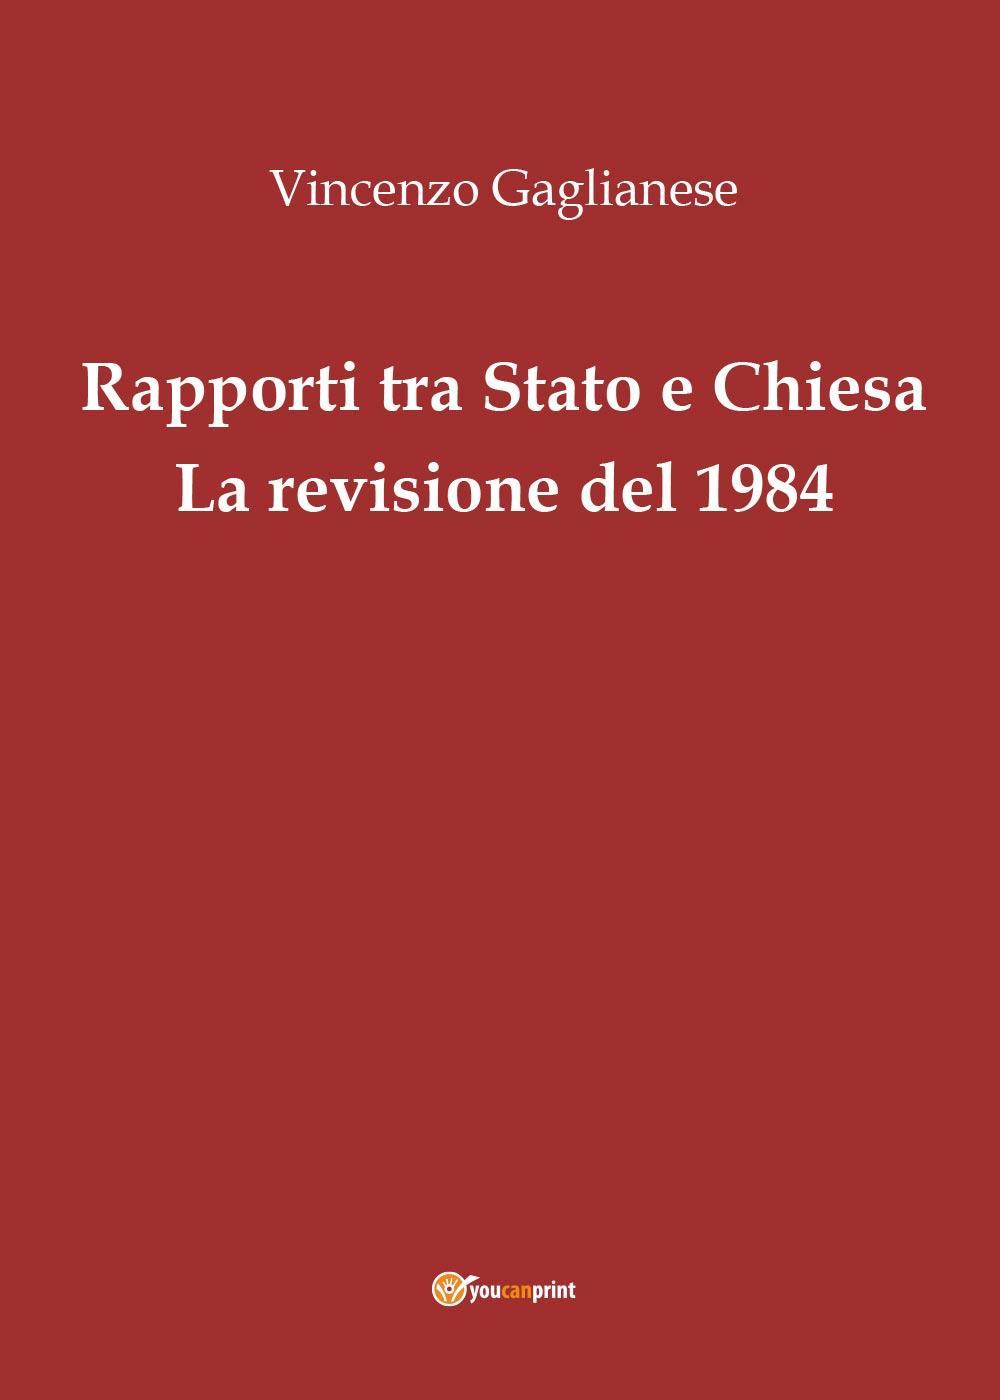 Rapporti tra Stato e Chiesa. La revisione del 1984